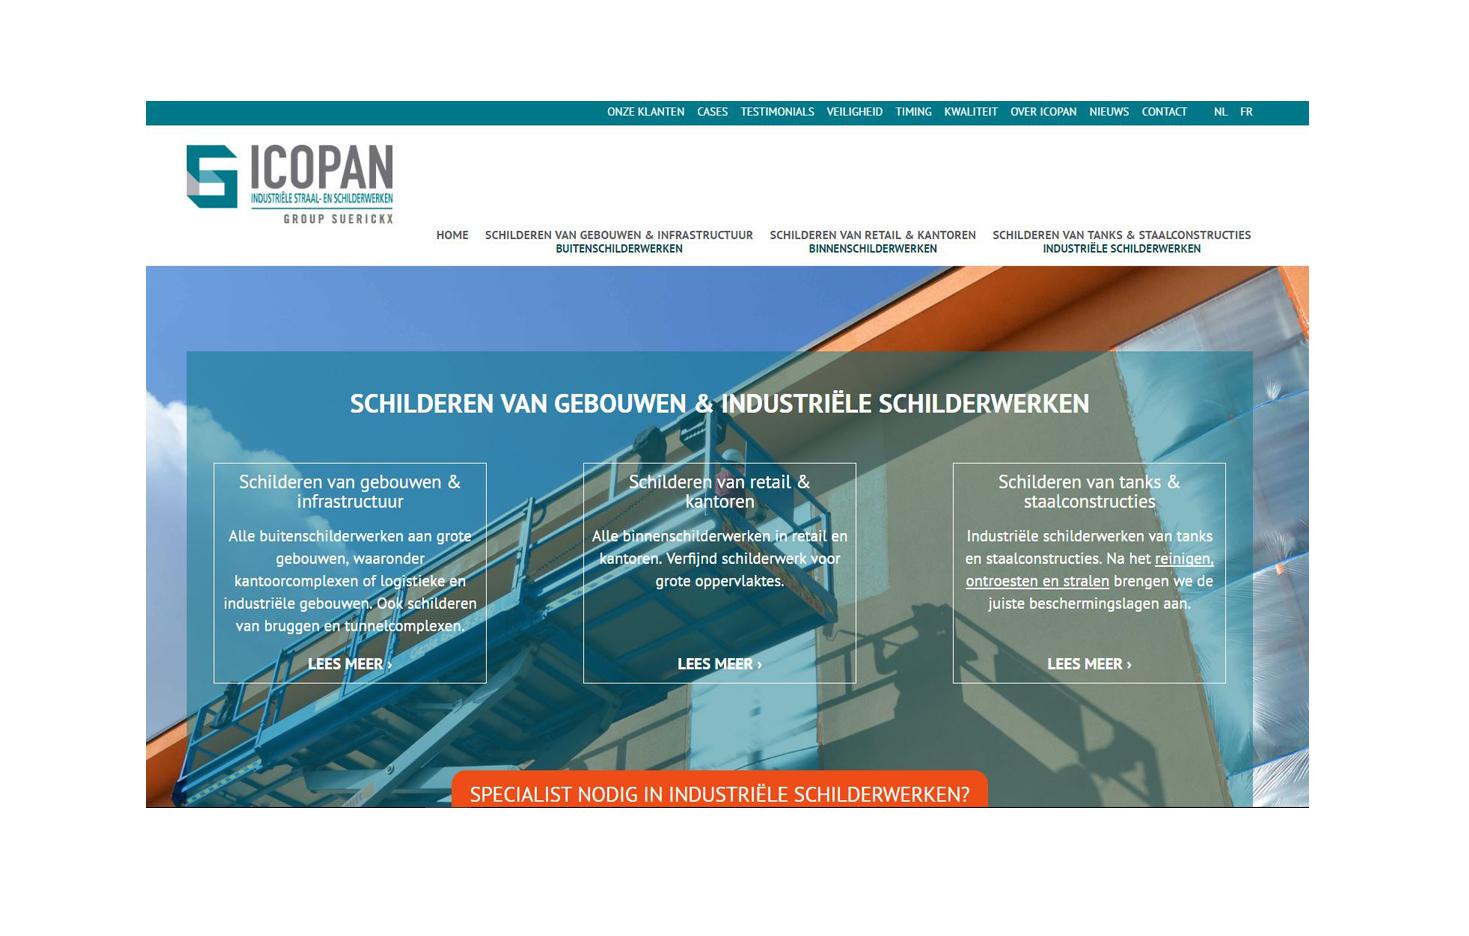 Icopan Homepagina Group Suerickx